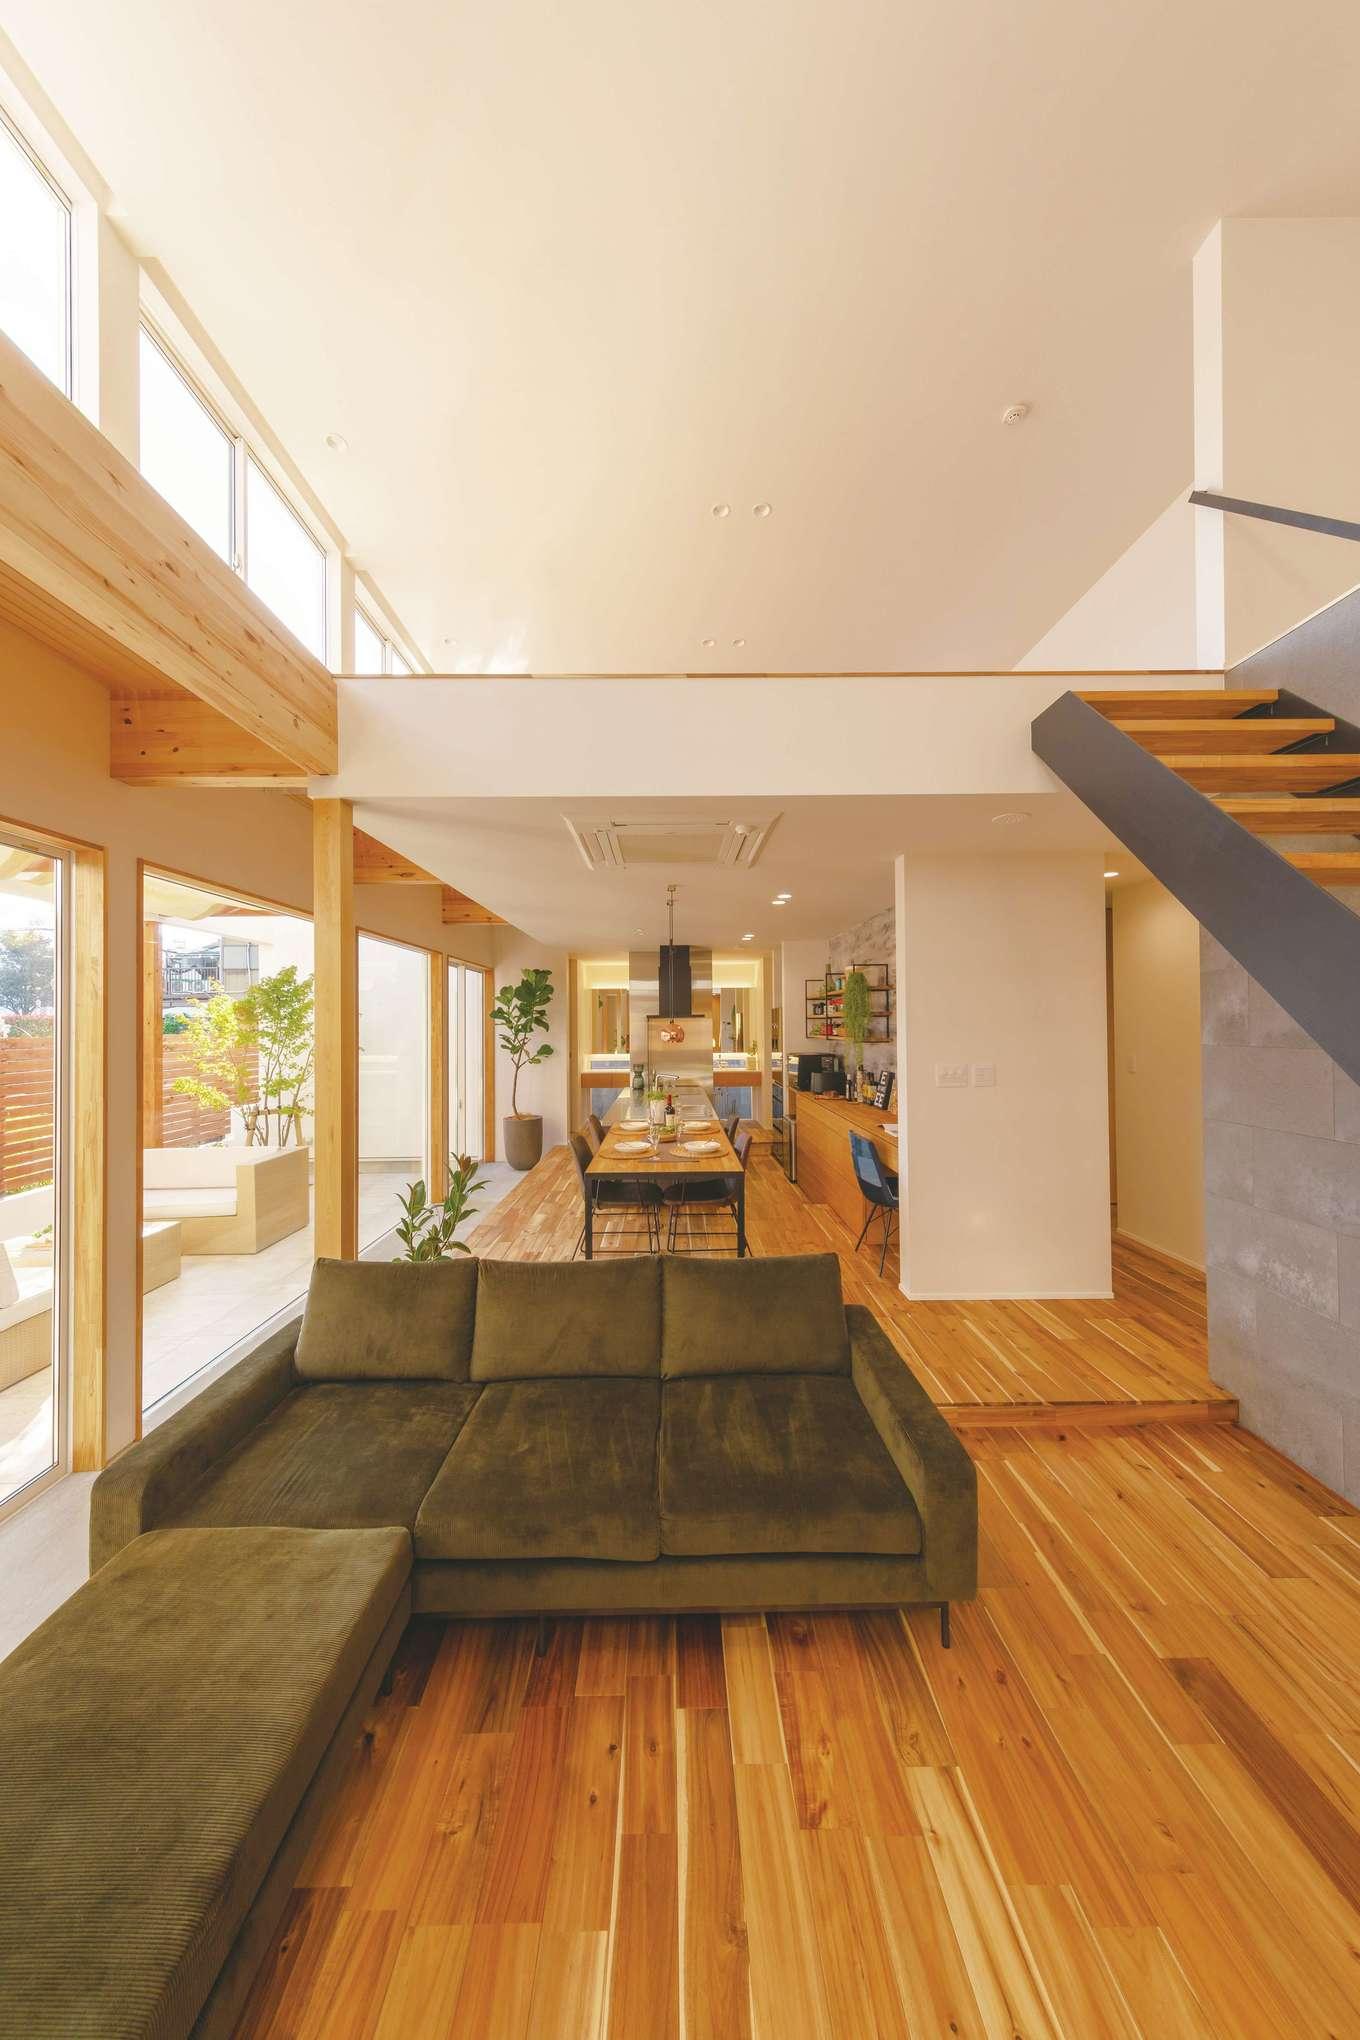 住家 ~JYU-KA~【デザイン住宅、間取り、建築家】リビングは大きな吹き抜けに。ダイニングと段差を設けることで、空間を緩やかに仕切る。2階は壁も手すりもない、フラットで大きなロフト。抜群の開放感はまさしくアウトドア感覚だ